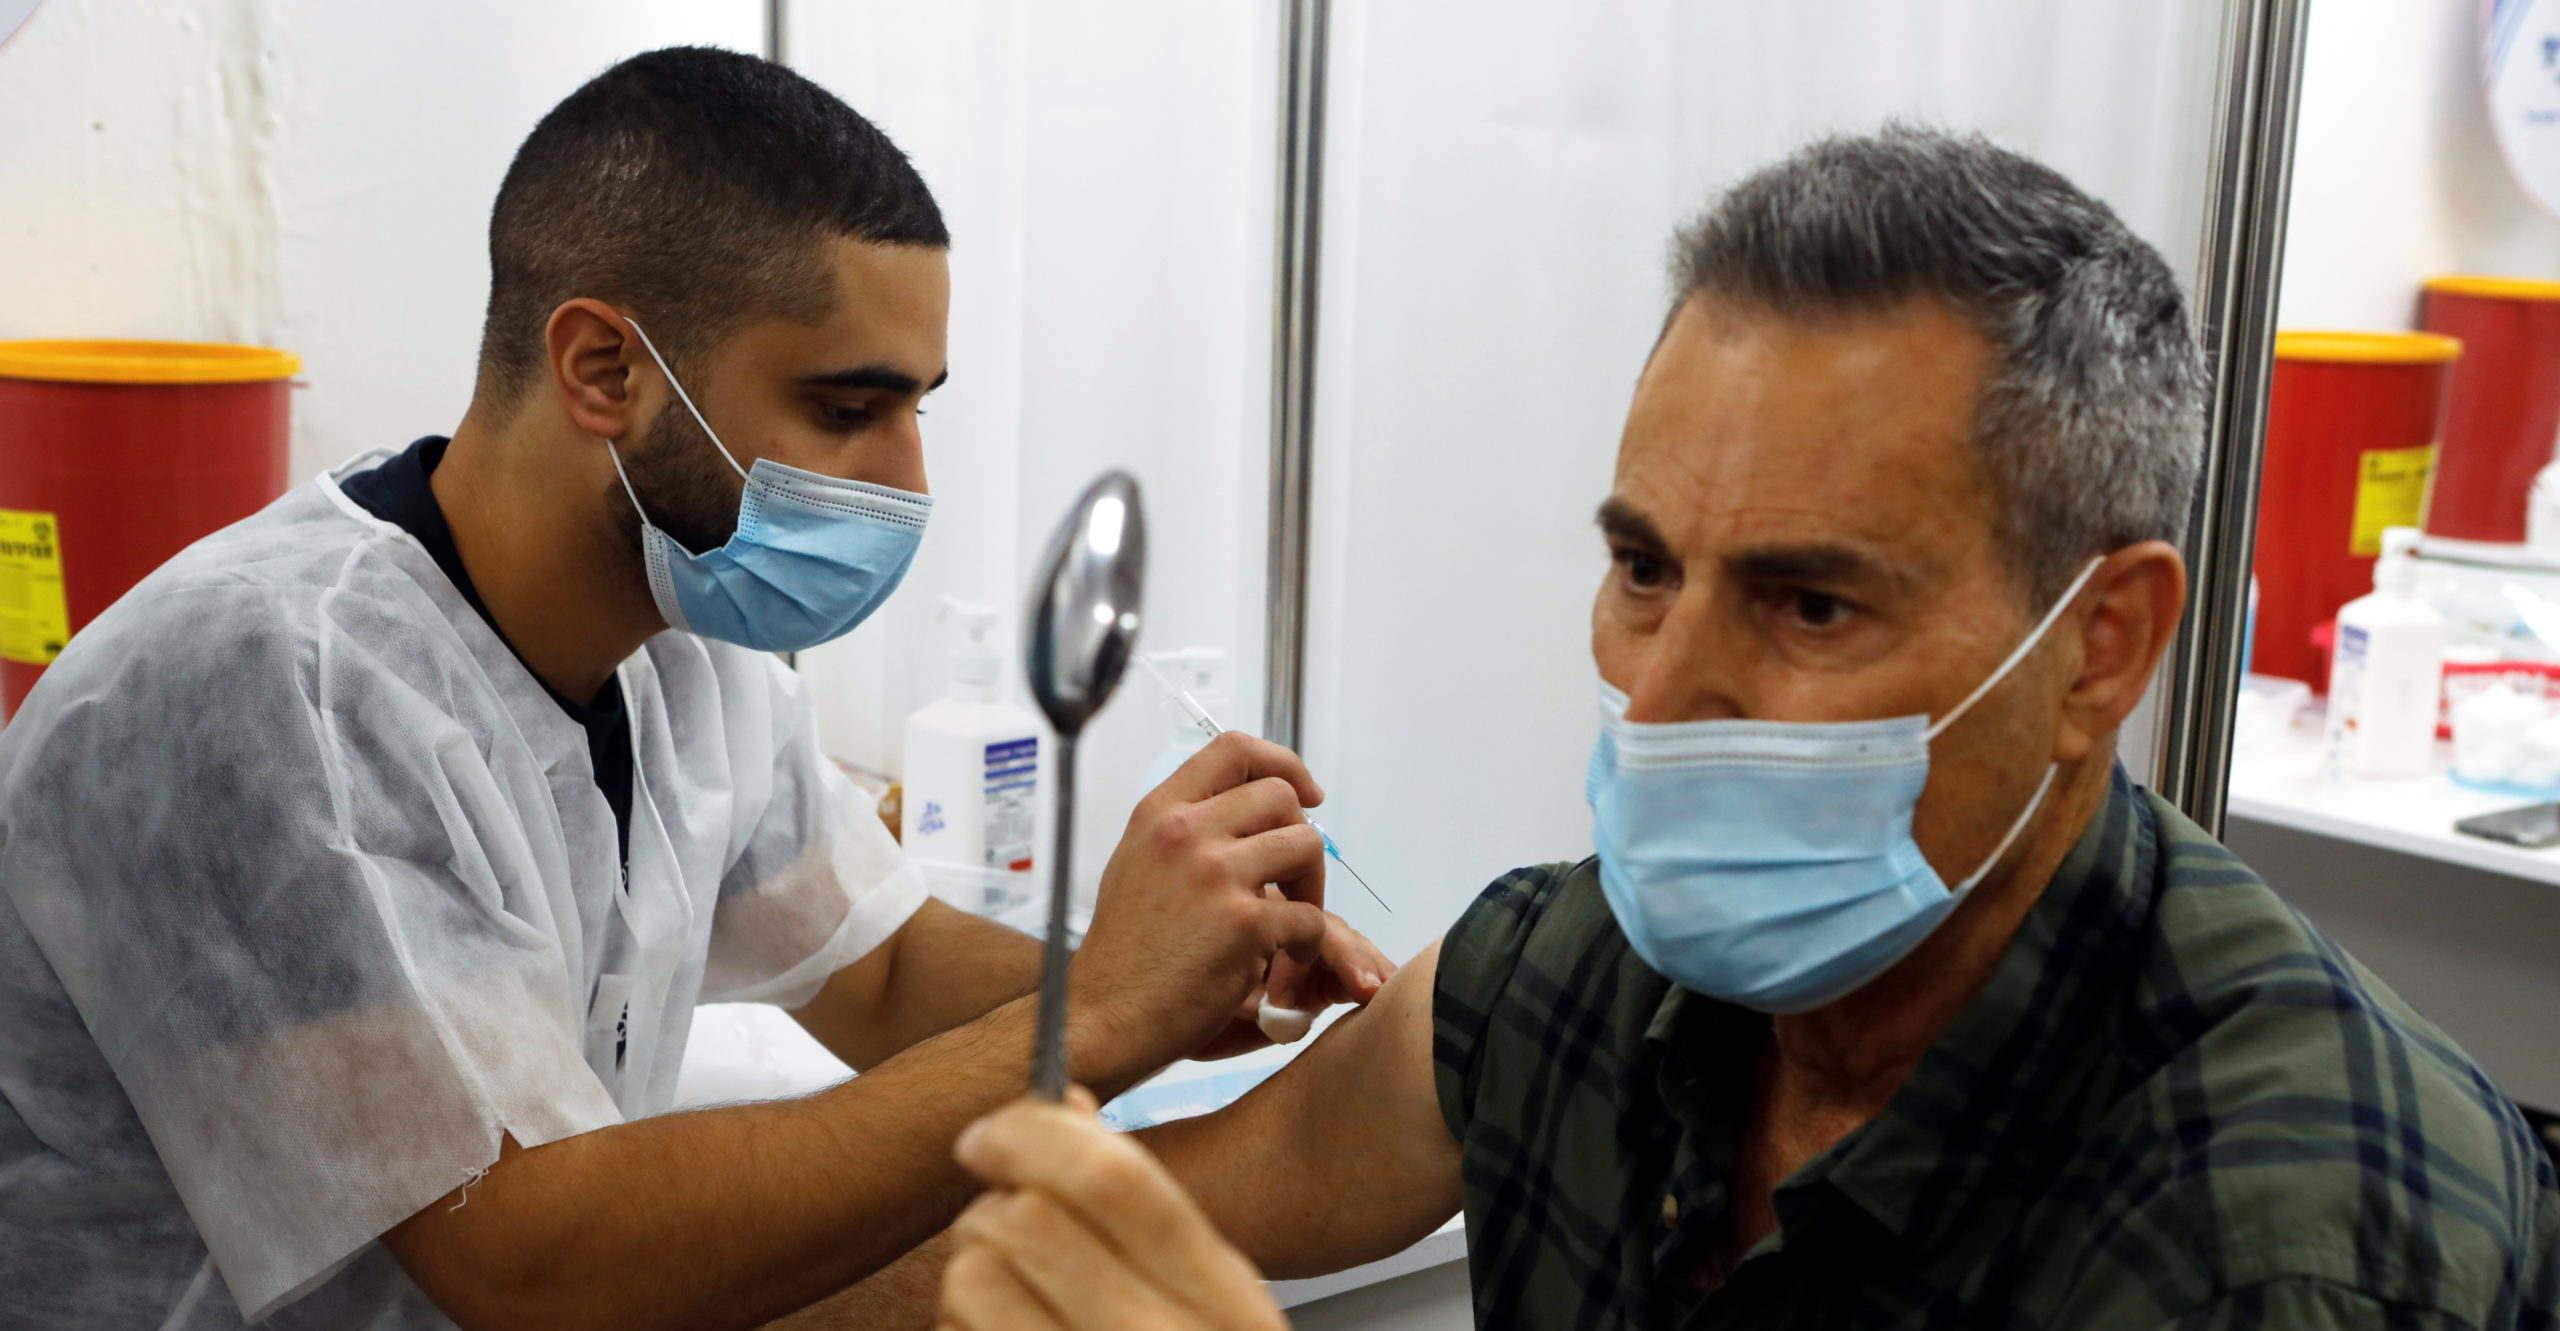 Uri Geller már beoltatta magát a koronavírus elleni vakcinával!